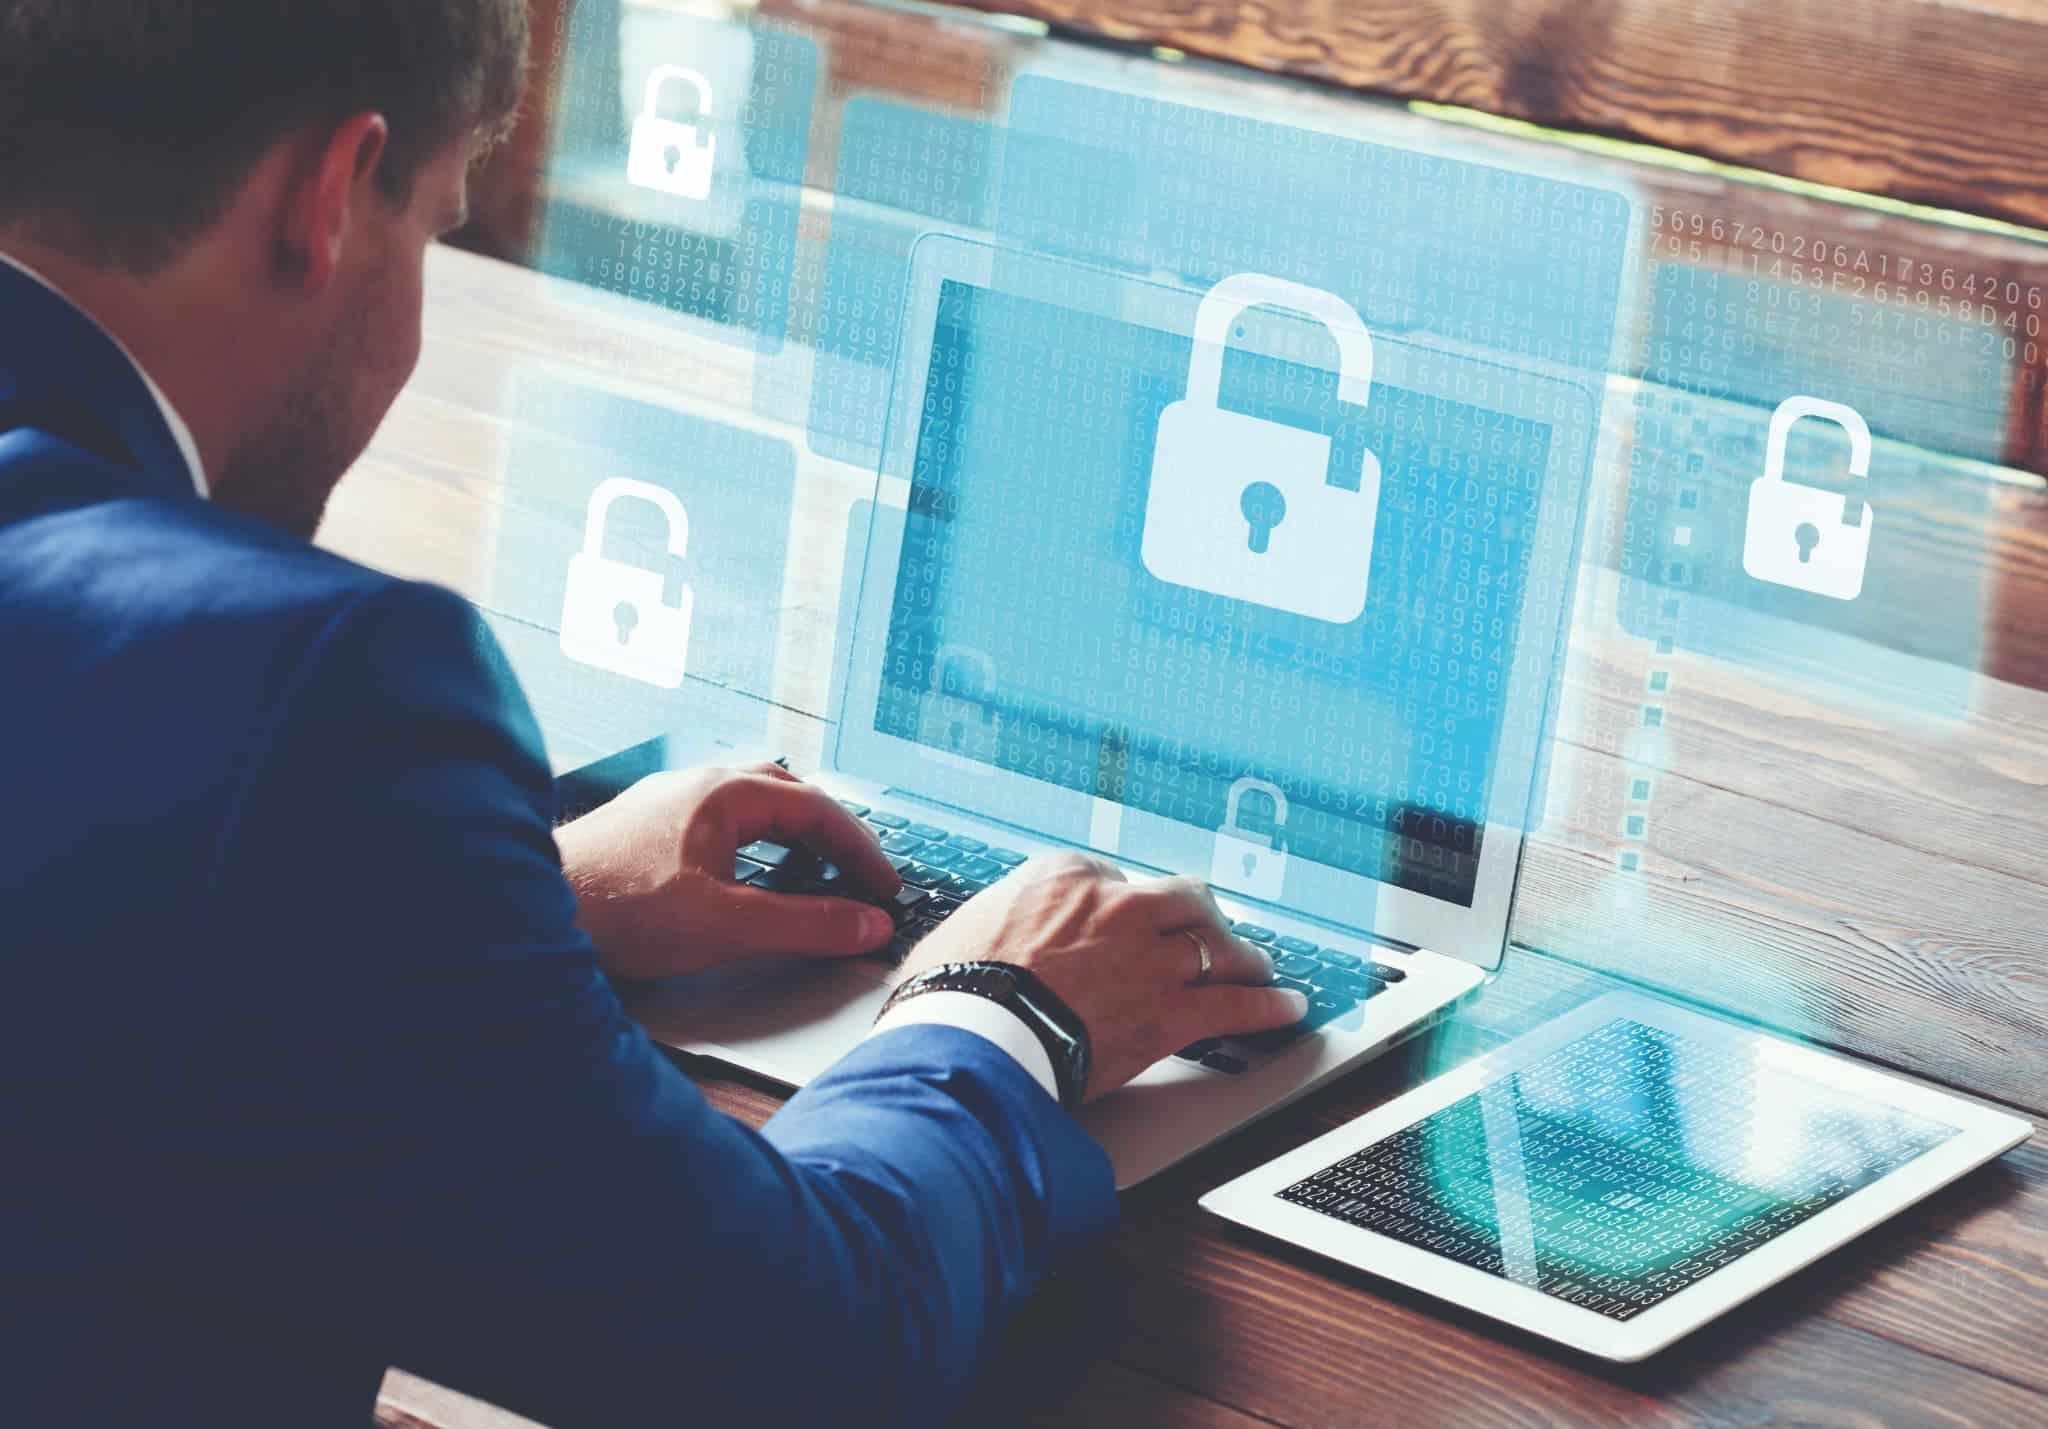 Datenschutz-Prüfung